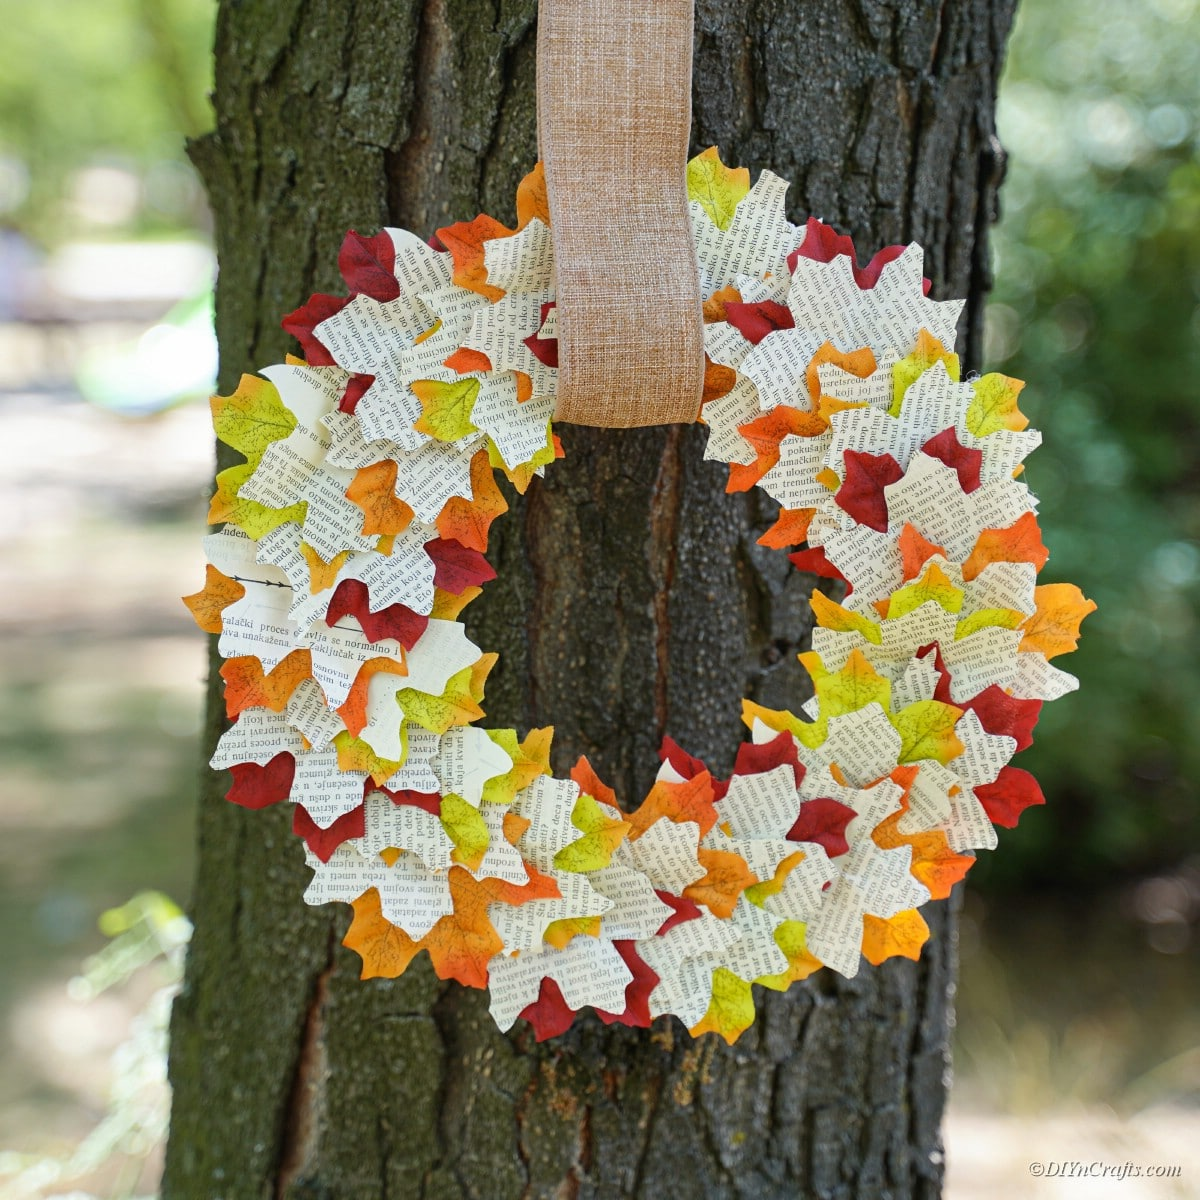 Der fertige Herbstblattkranz hing draußen an einem Baum.